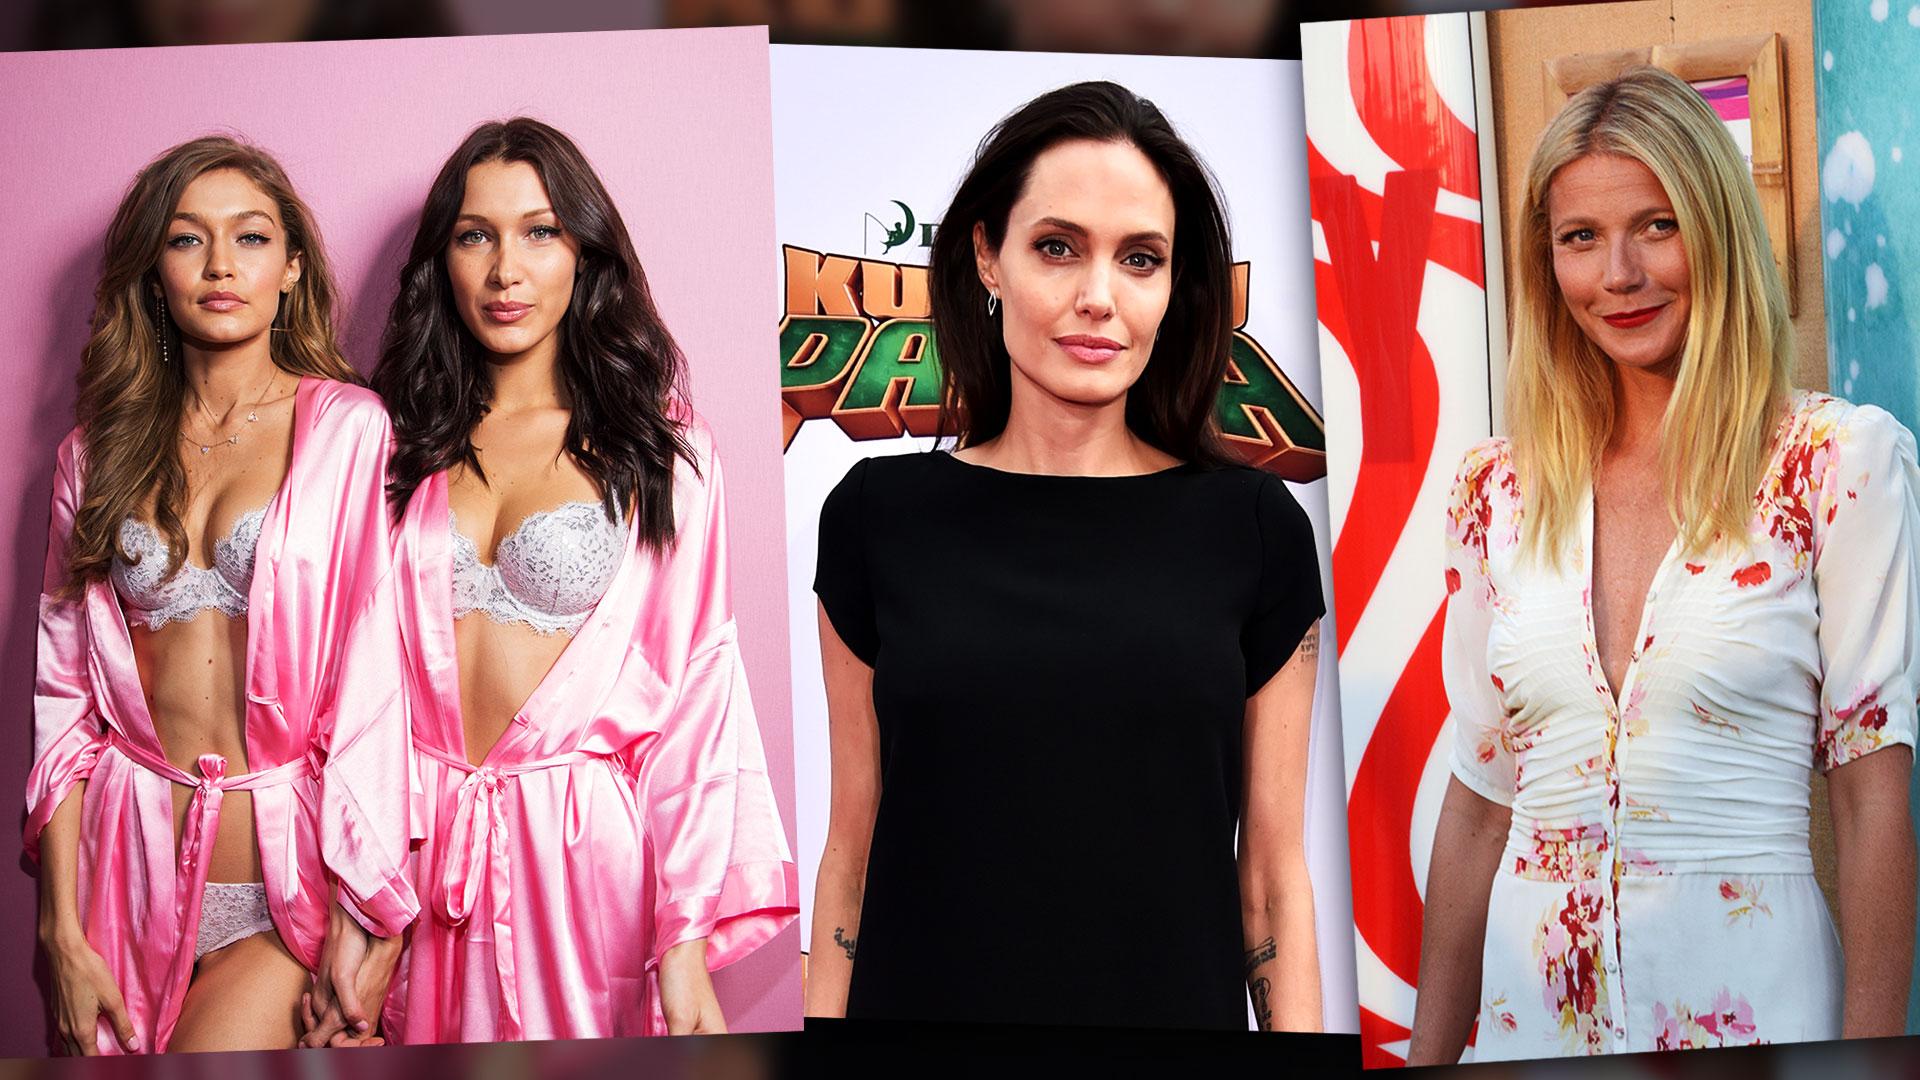 Las it girls del momento e icónicas actrices pasan la mayor parte de su día en extensas jornadas laborales